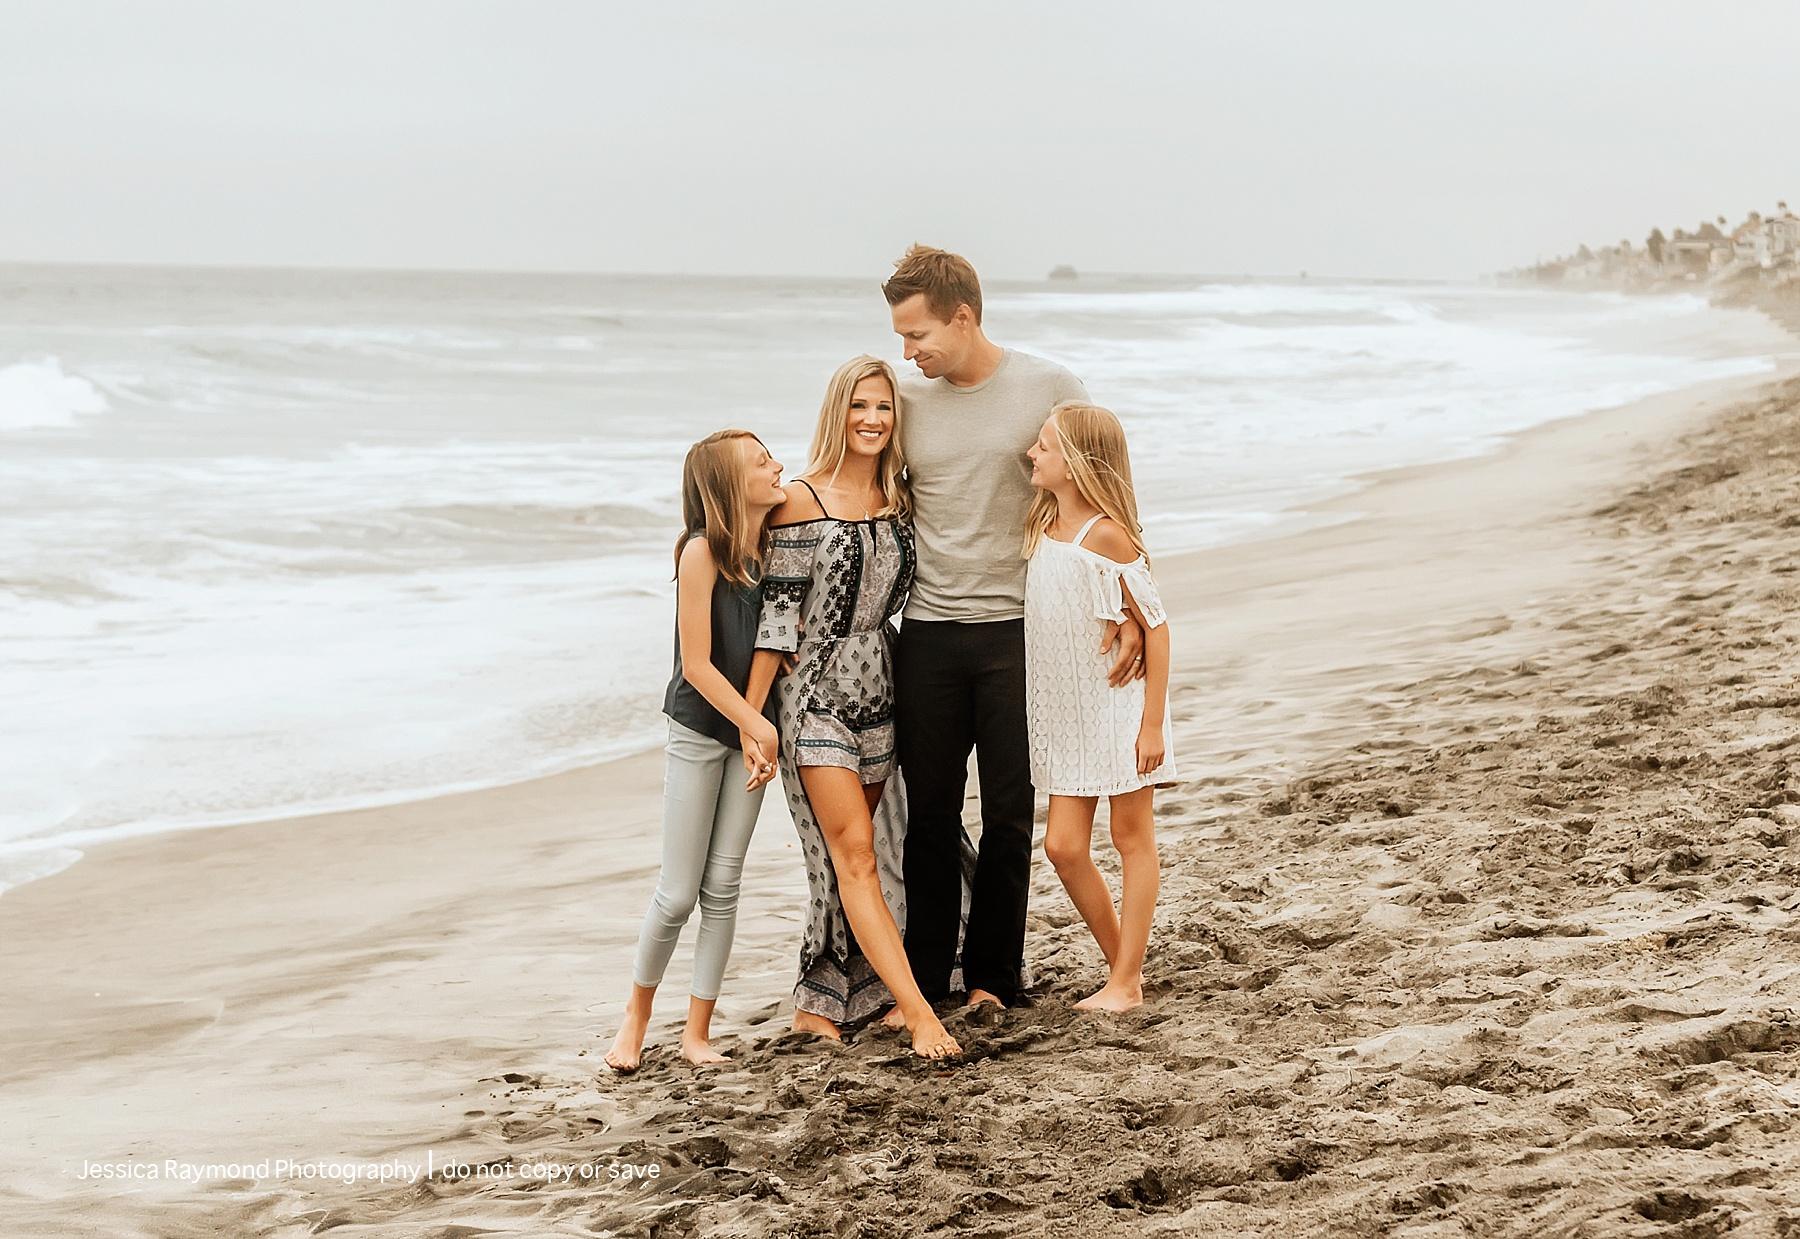 carlsbad beach family photos family of four on beach